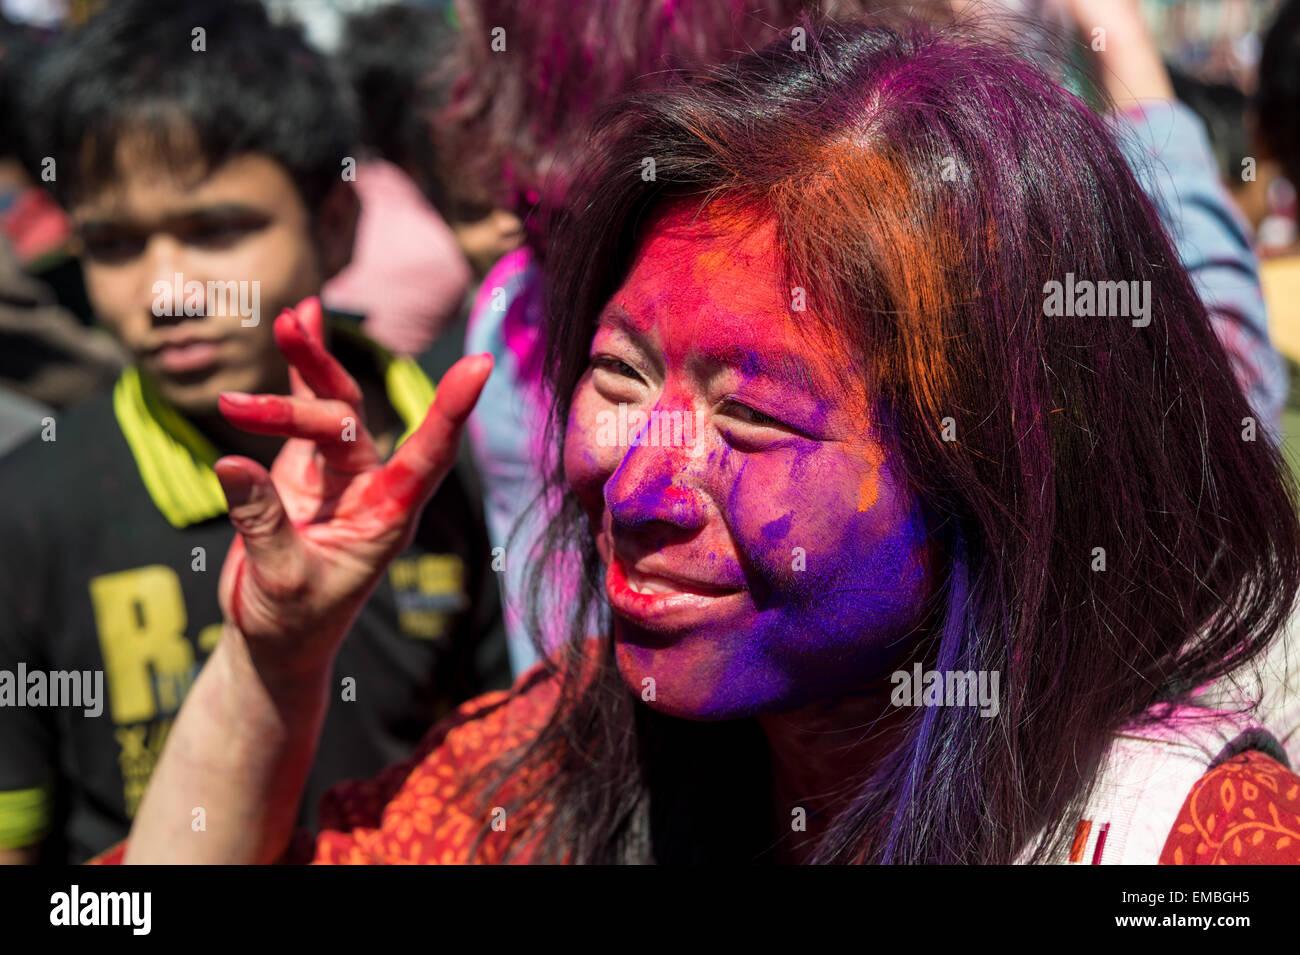 Fabelhaft Gesicht Bemalen Sammlung Von Asiatin Mit Bemalt In Rot Winken In